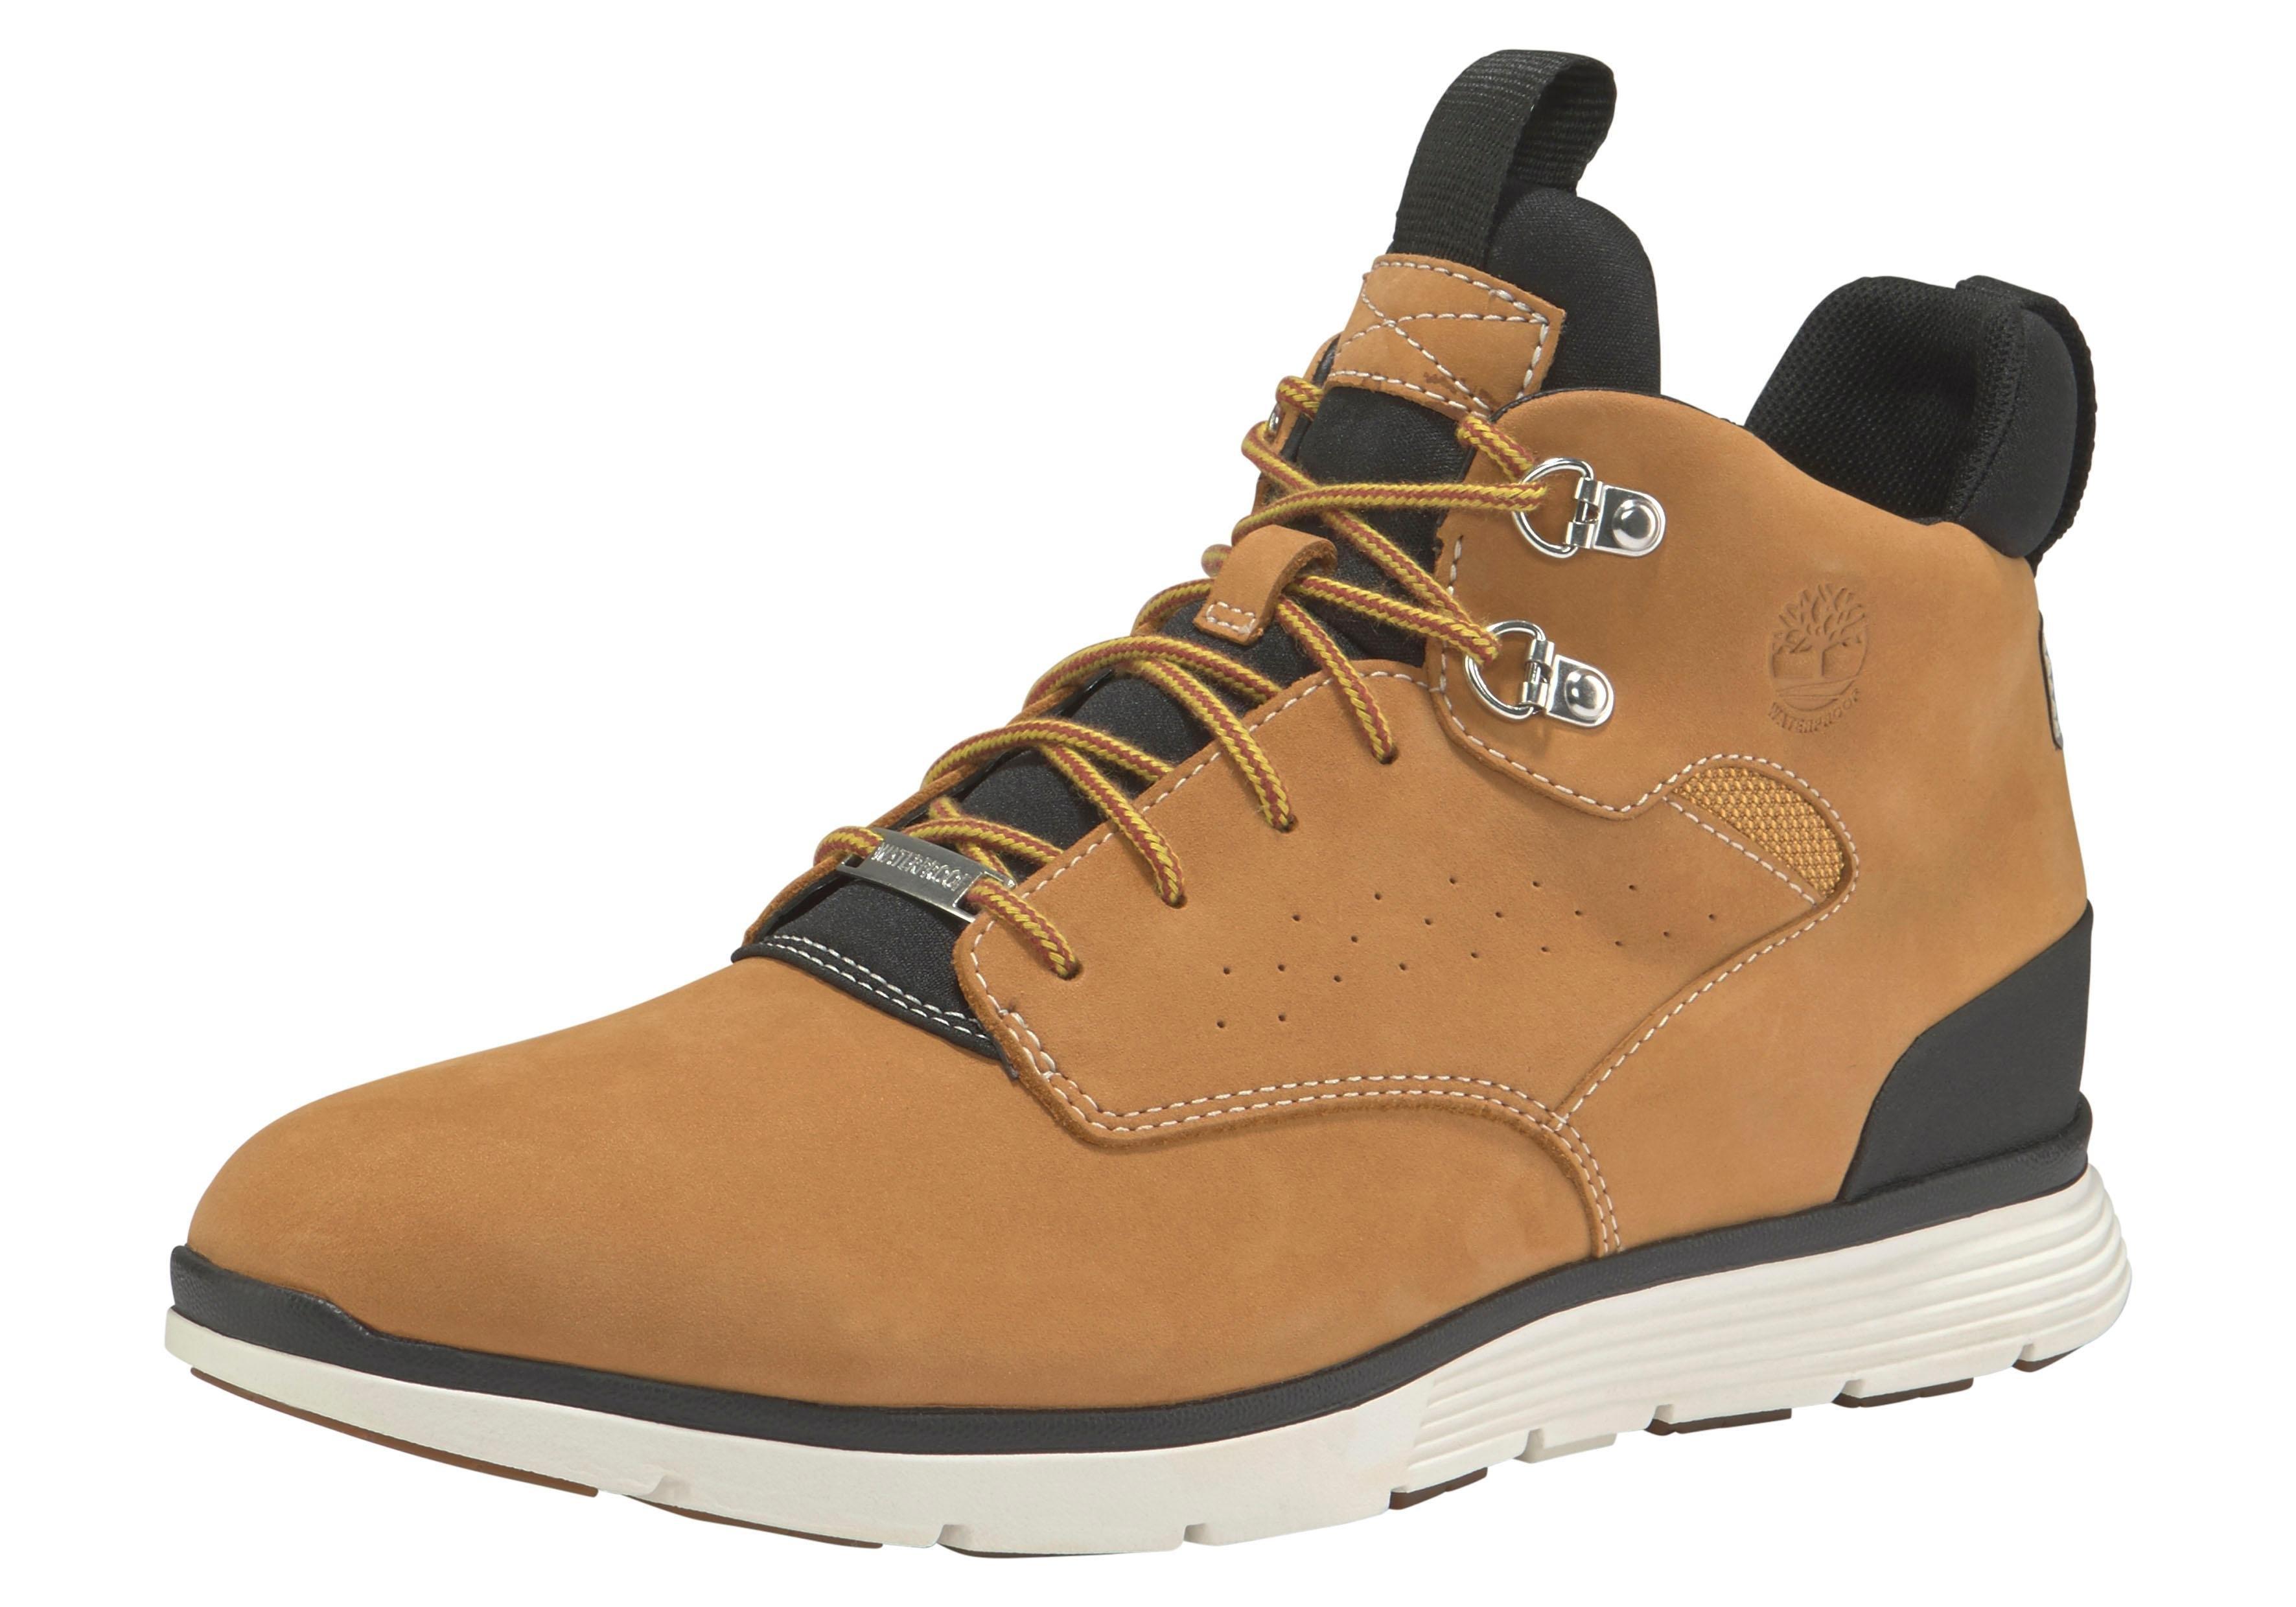 Timberland outdoorschoenen »Killington Waterproof Hiker Chukka« voordelig en veilig online kopen